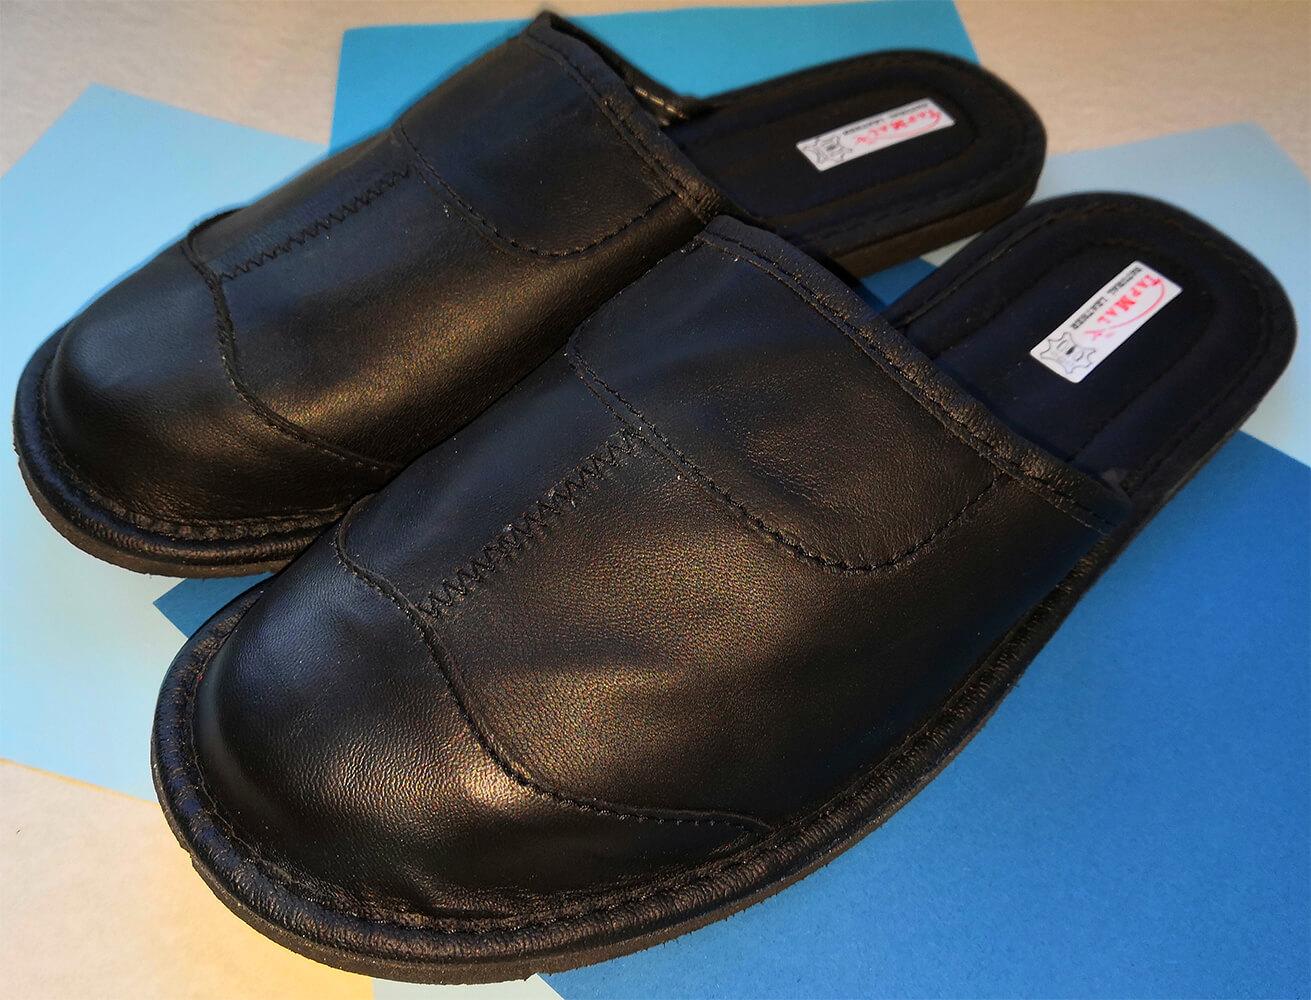 Купить кожаные тапочки мужские TapMal C30 44 размера. Фото 1